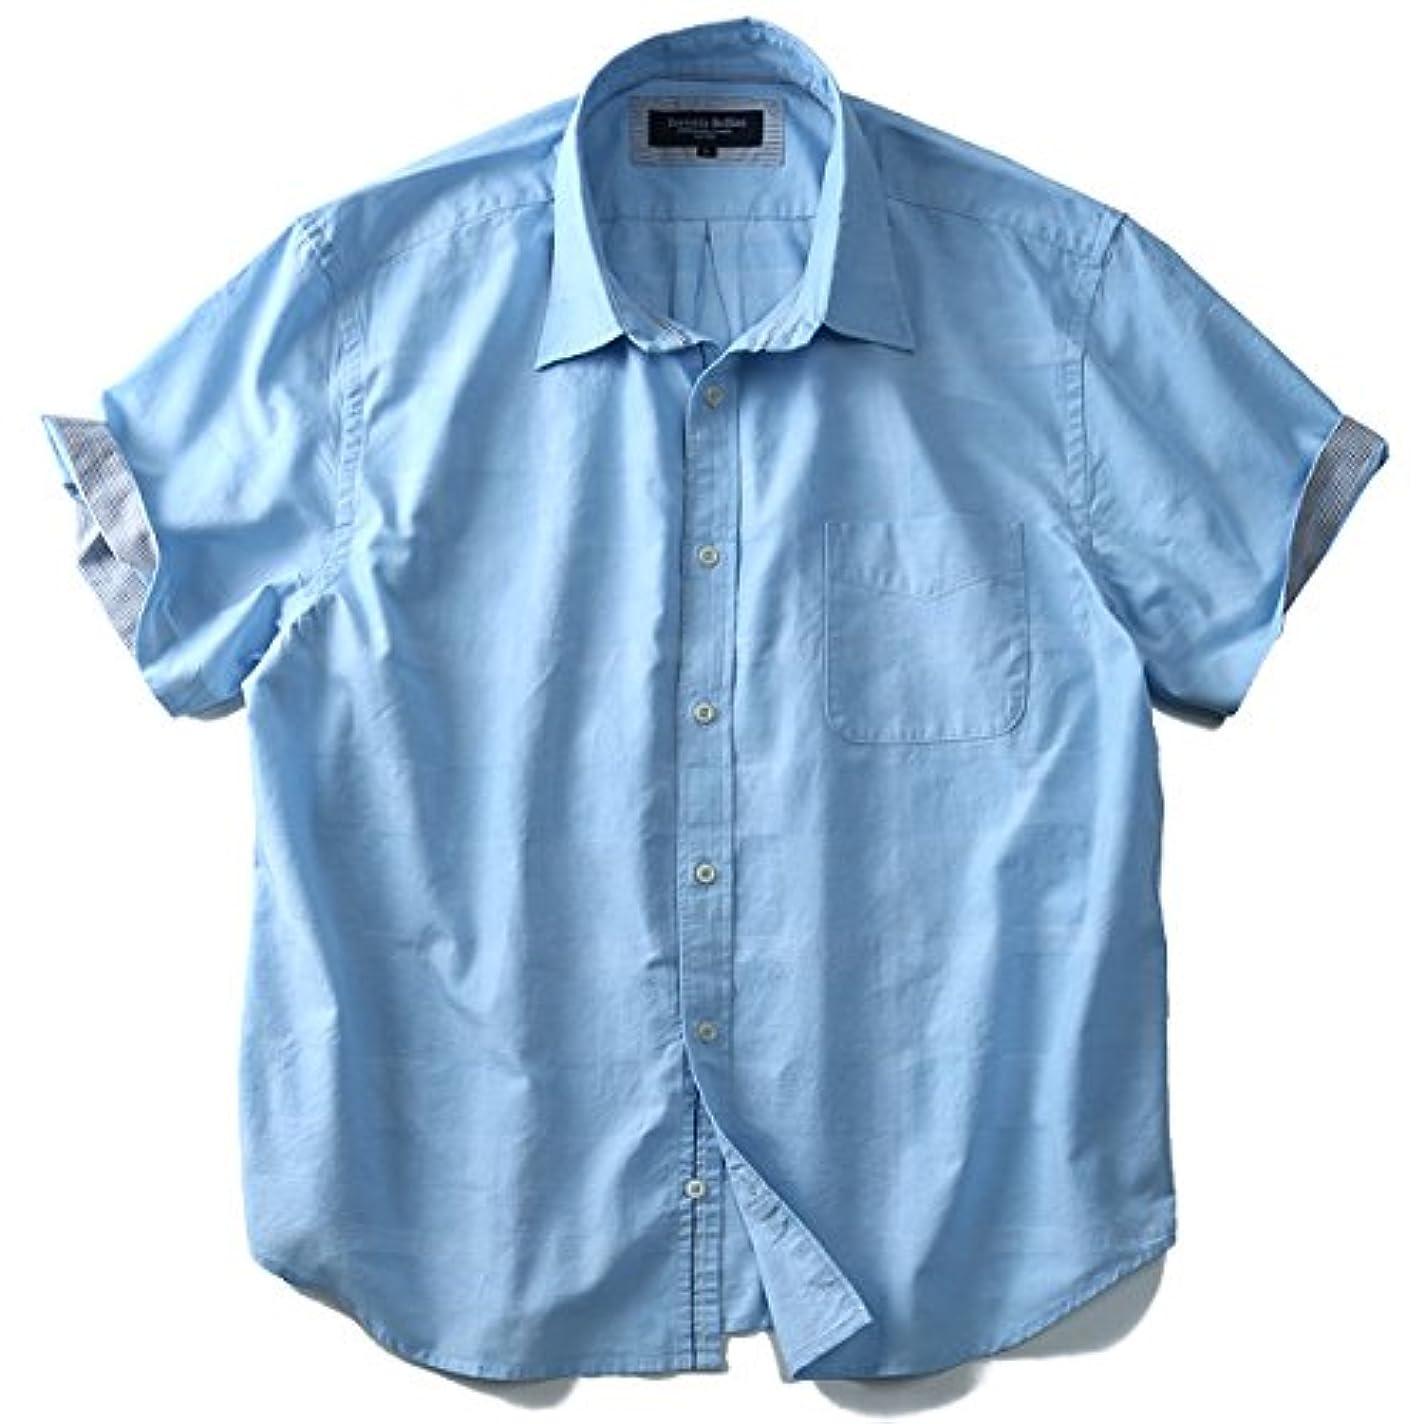 ステージこだわり説教綿麻 地柄 チェック 半袖 シャツ 大きいサイズ メンズ 2L 3L 4L 5L 6L SARTORIA BELLINI